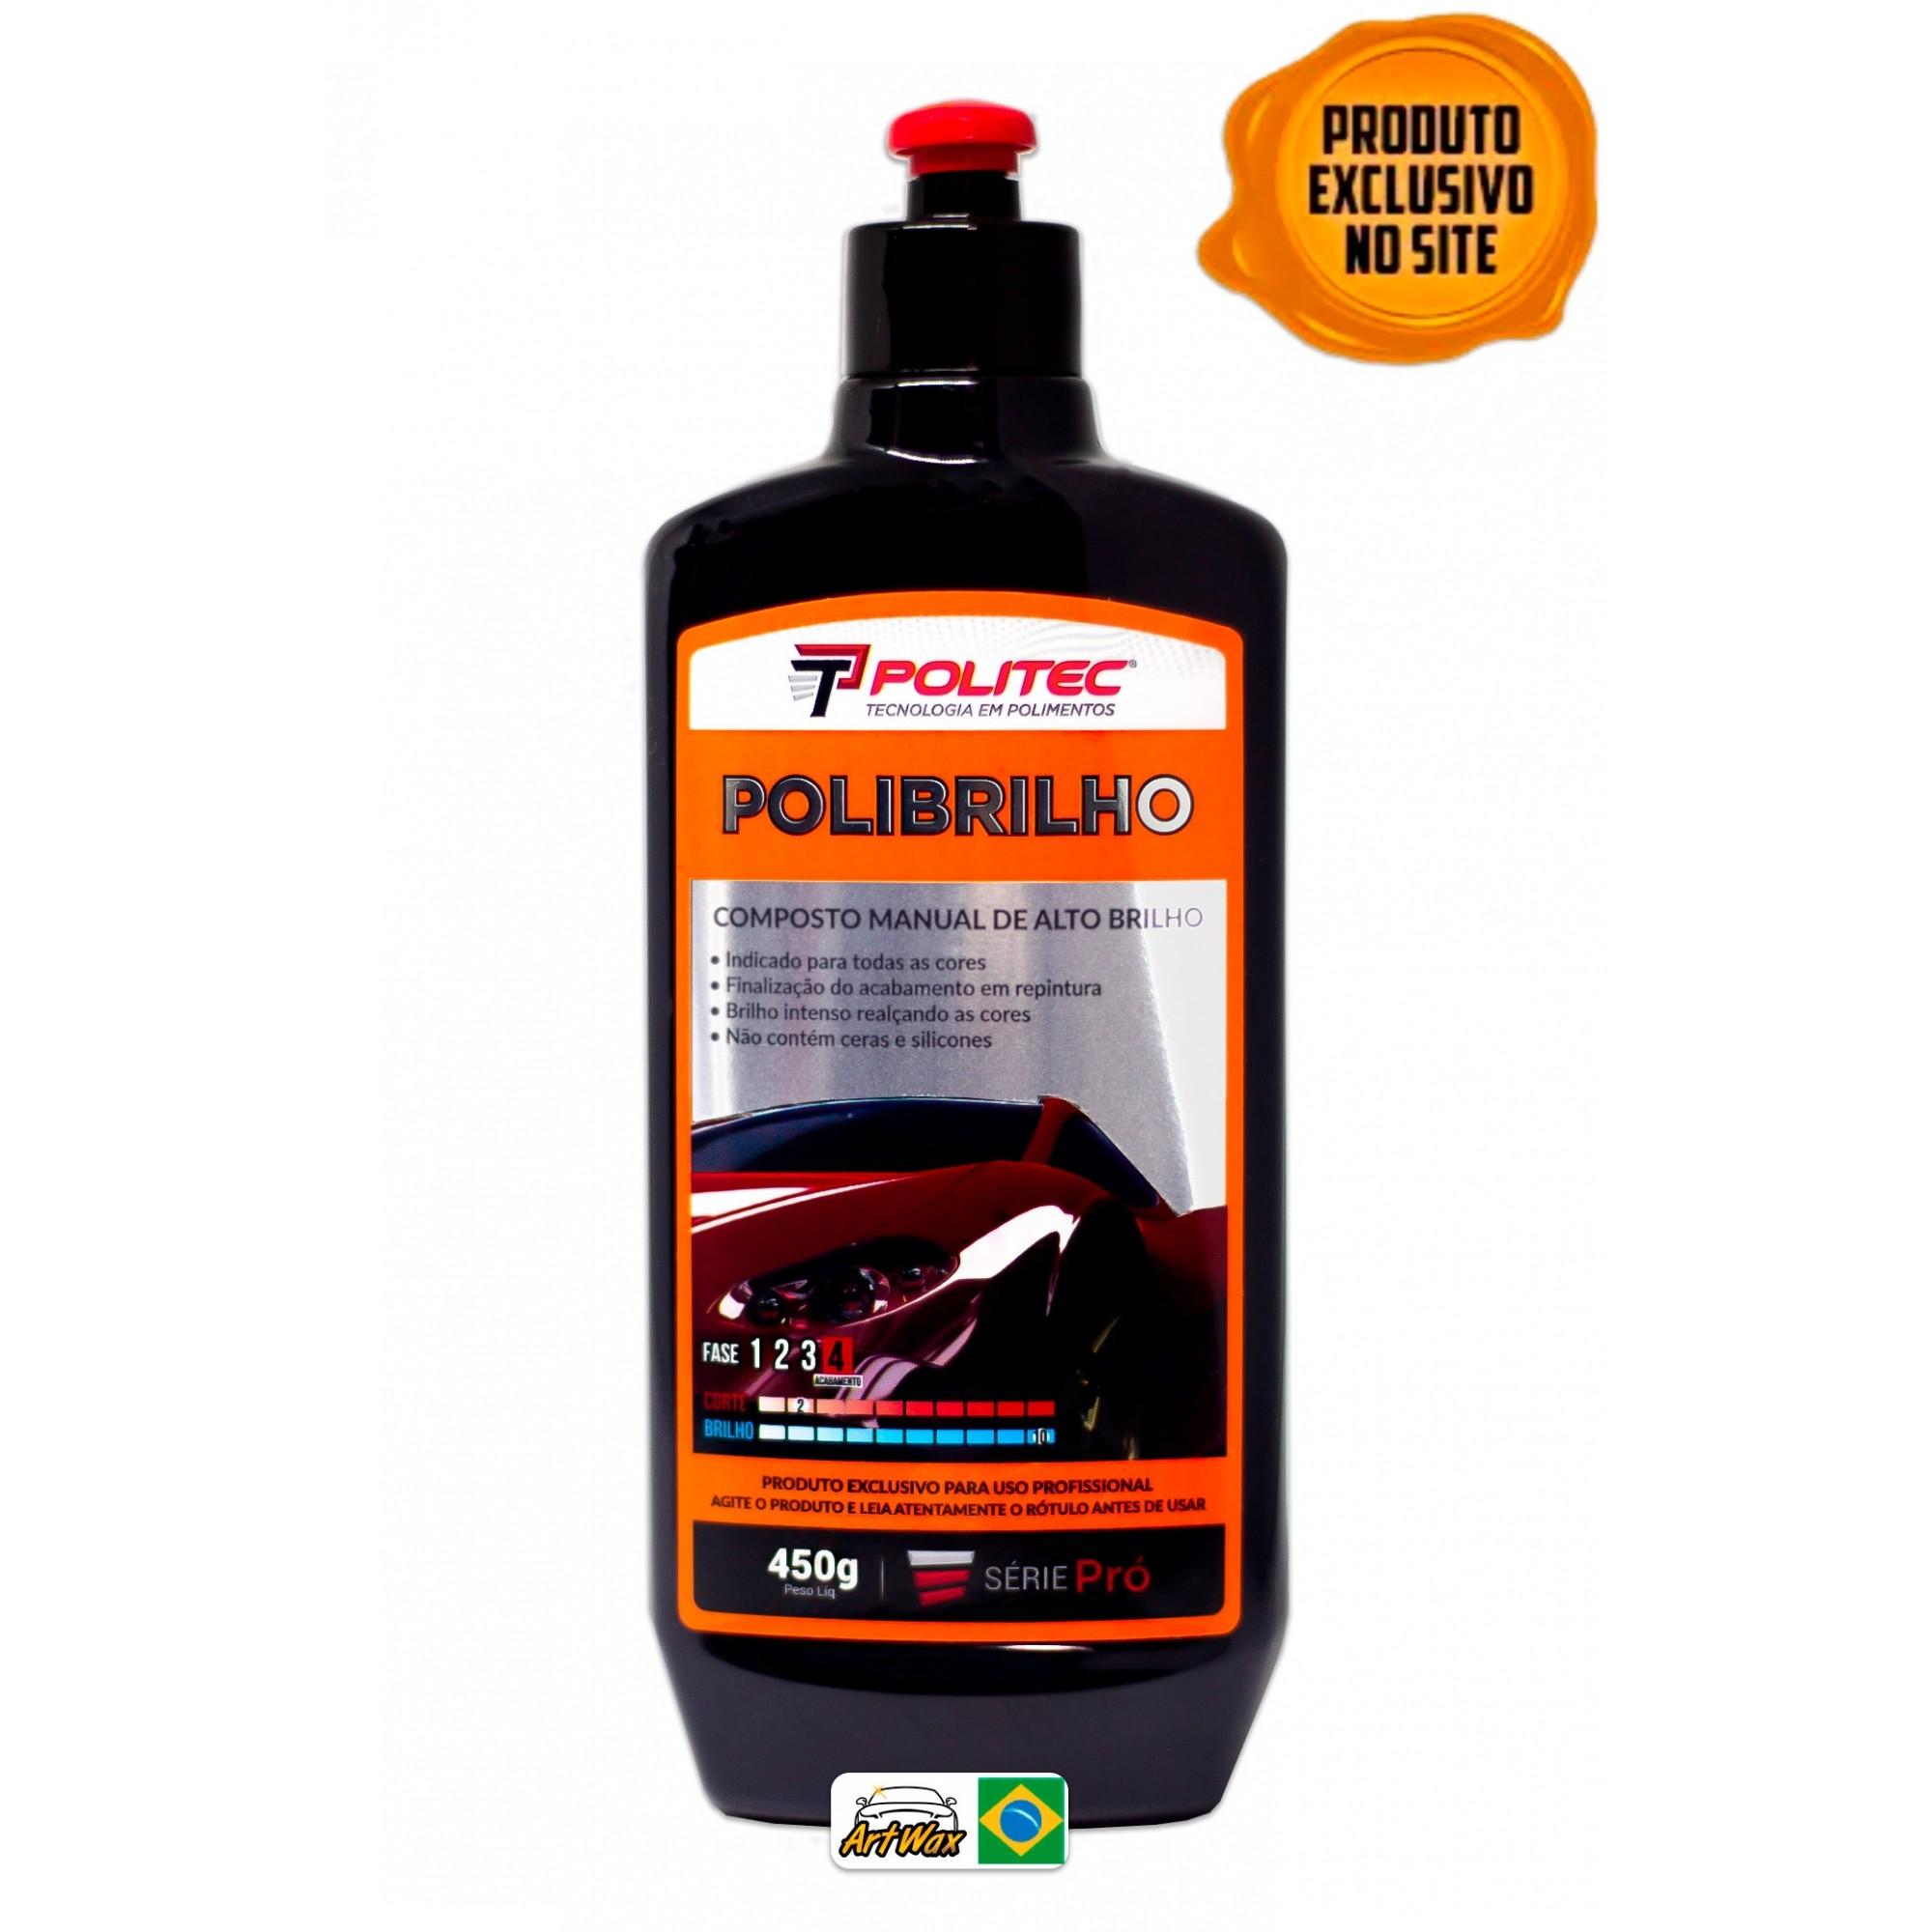 Polibrilho 450g - Composto Manual de Alto Brilho Base D'Água Politec